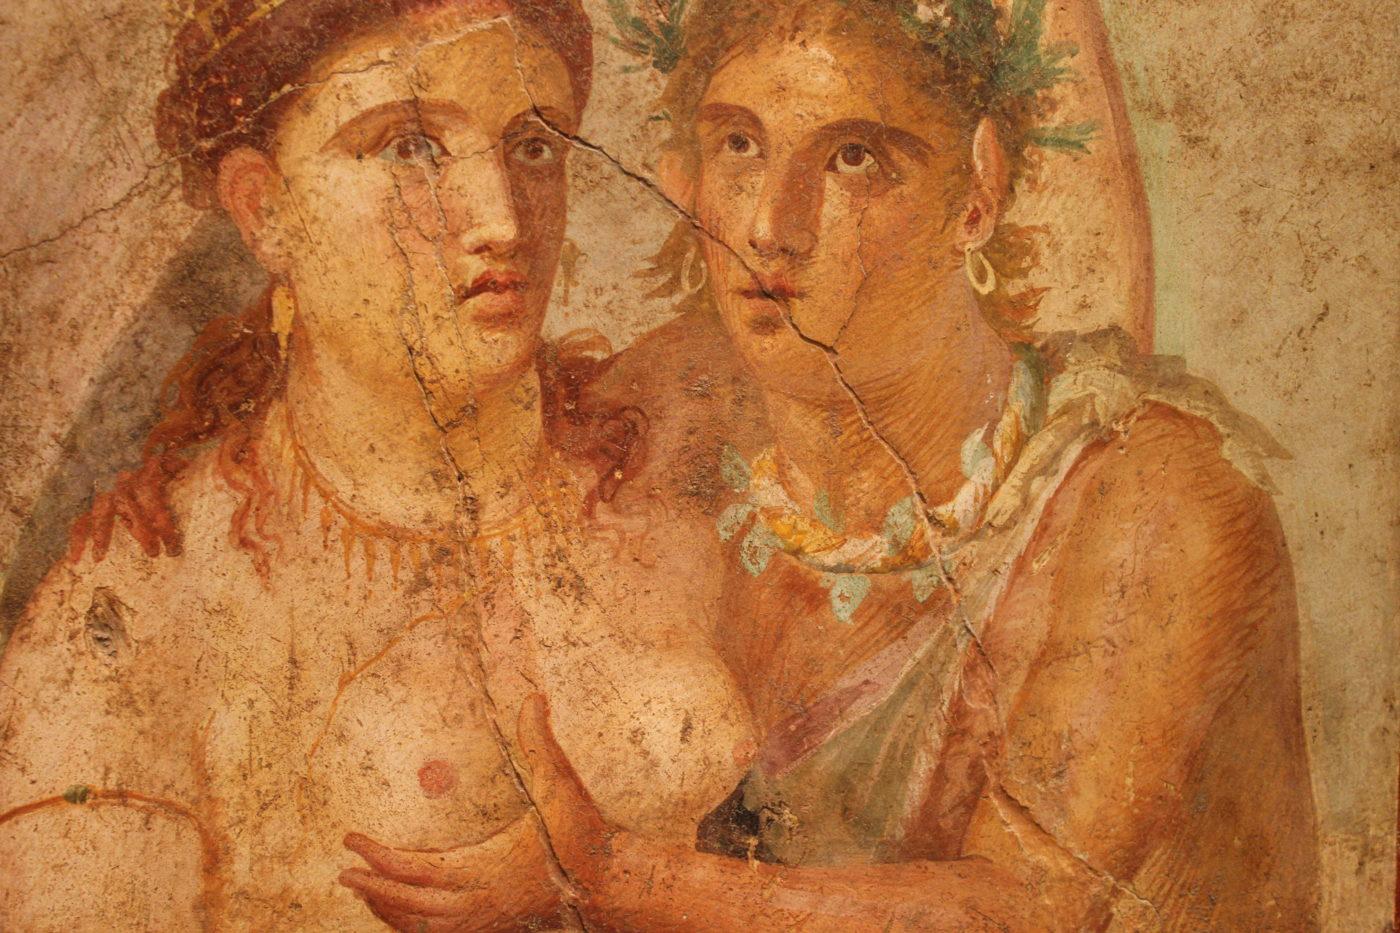 Museo Archeologico Nazionale di Napoli - Pittura erotica Etrusca